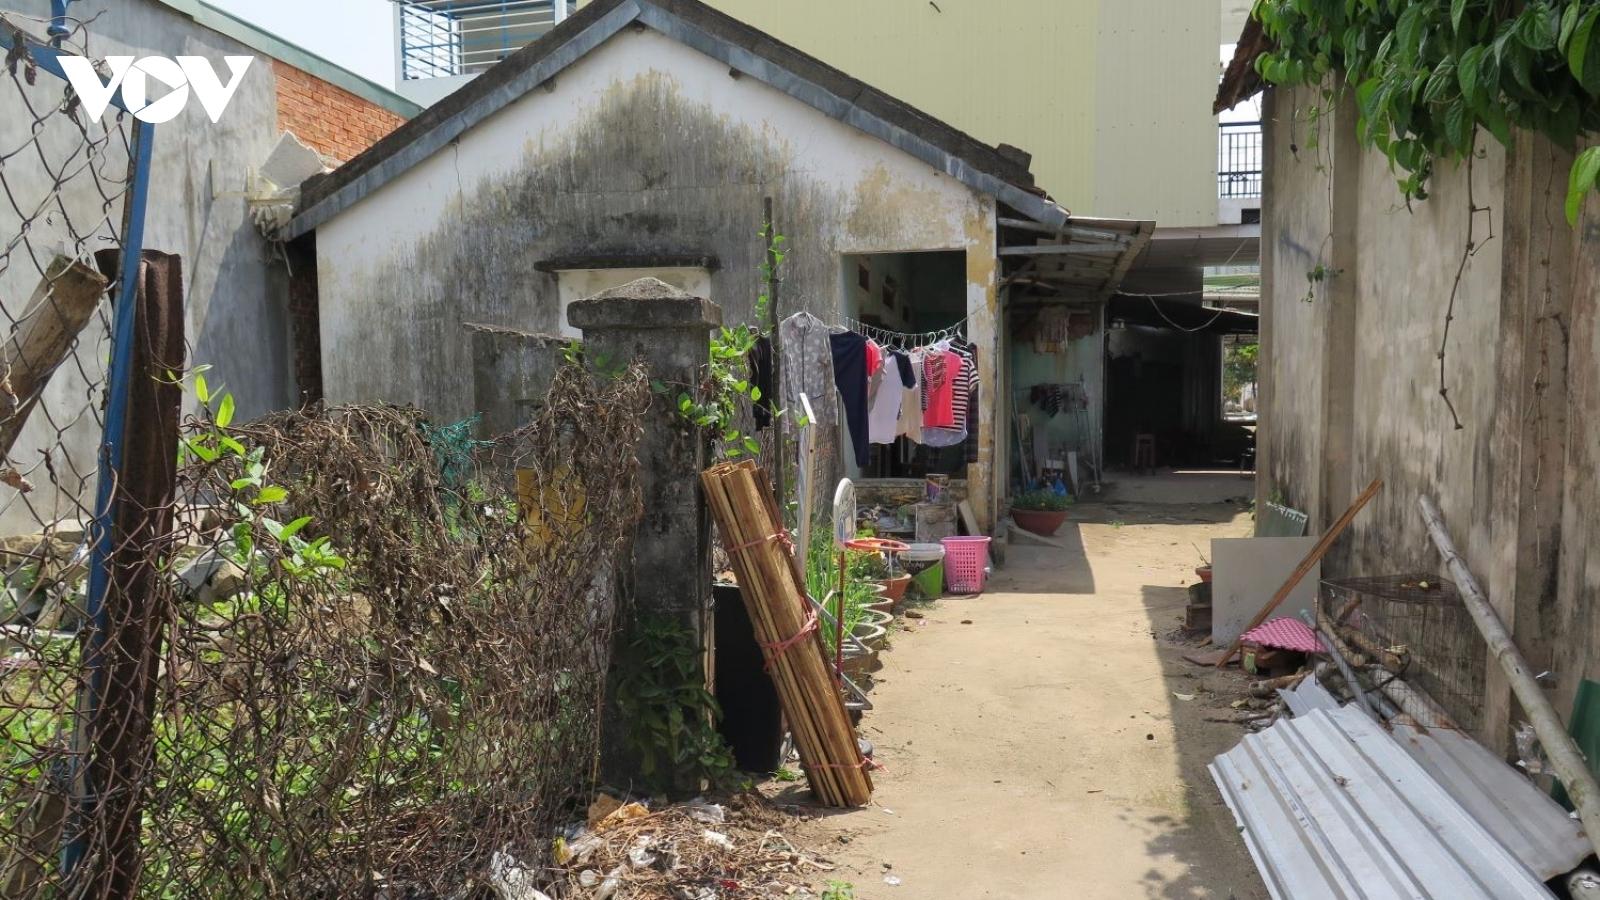 Đến bao giờ xoá quy hoạch treo giữa thành phố Quảng Ngãi?